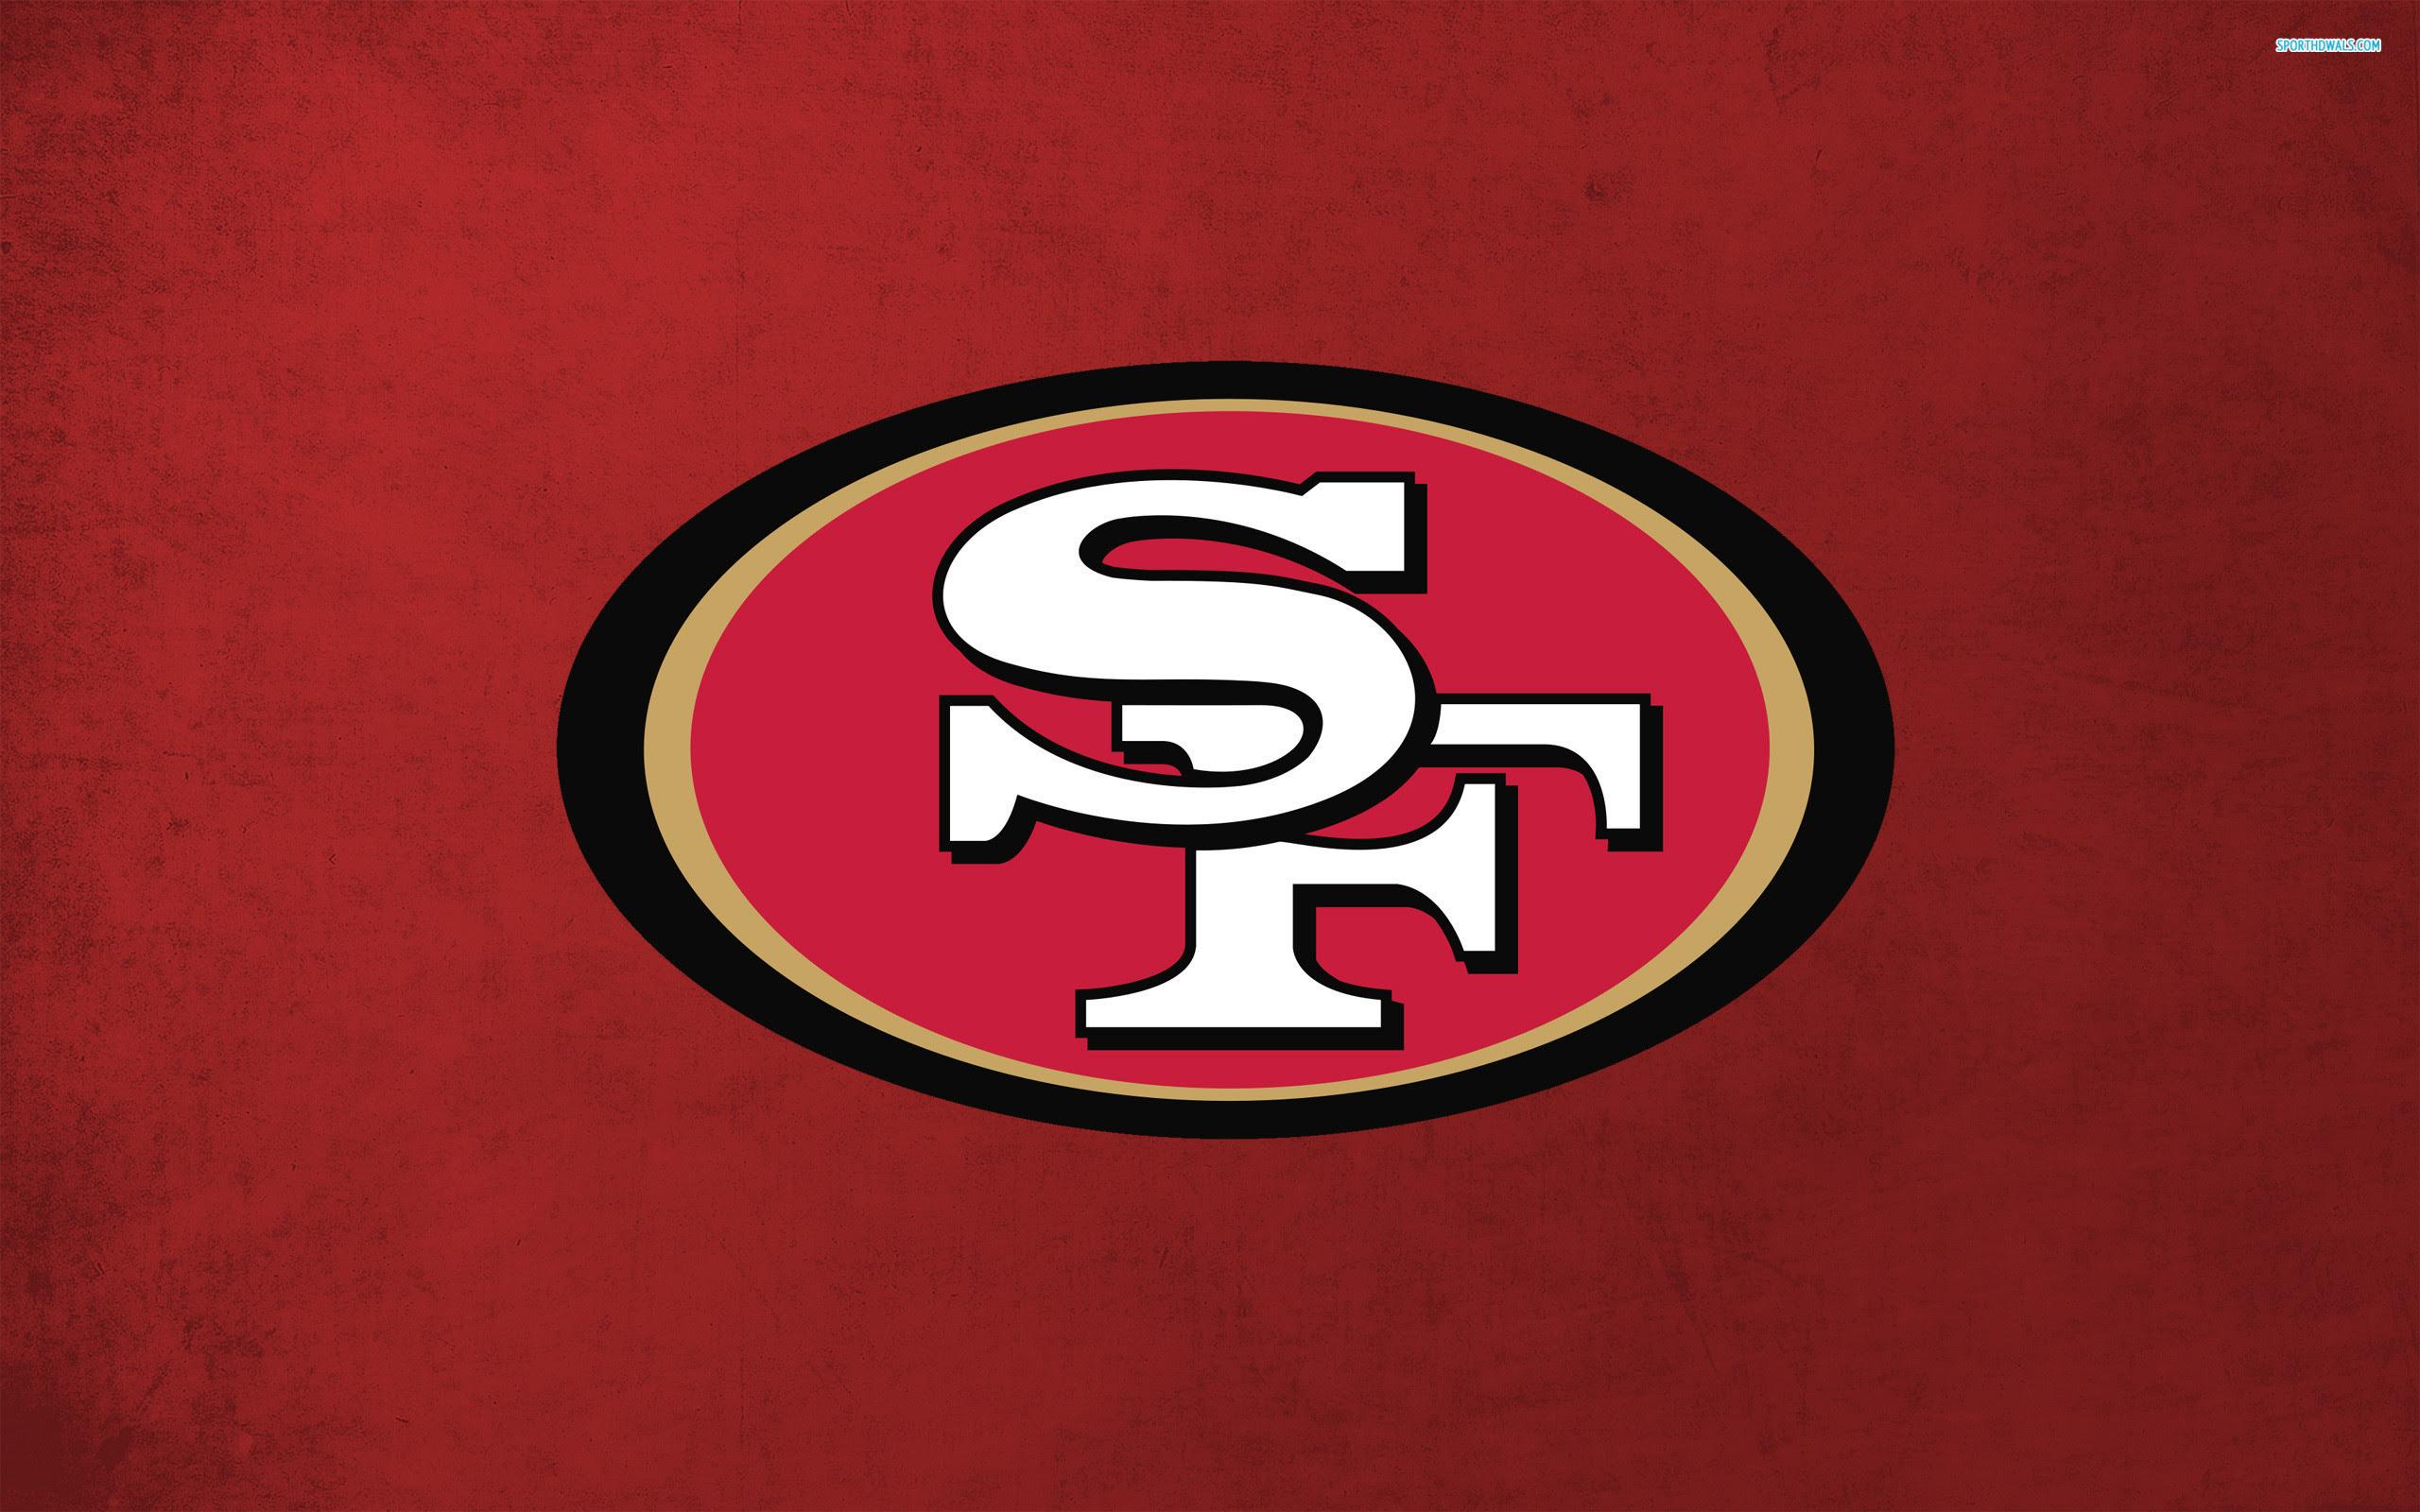 San Francisco 49ers Wallpaper Hd 67 Images